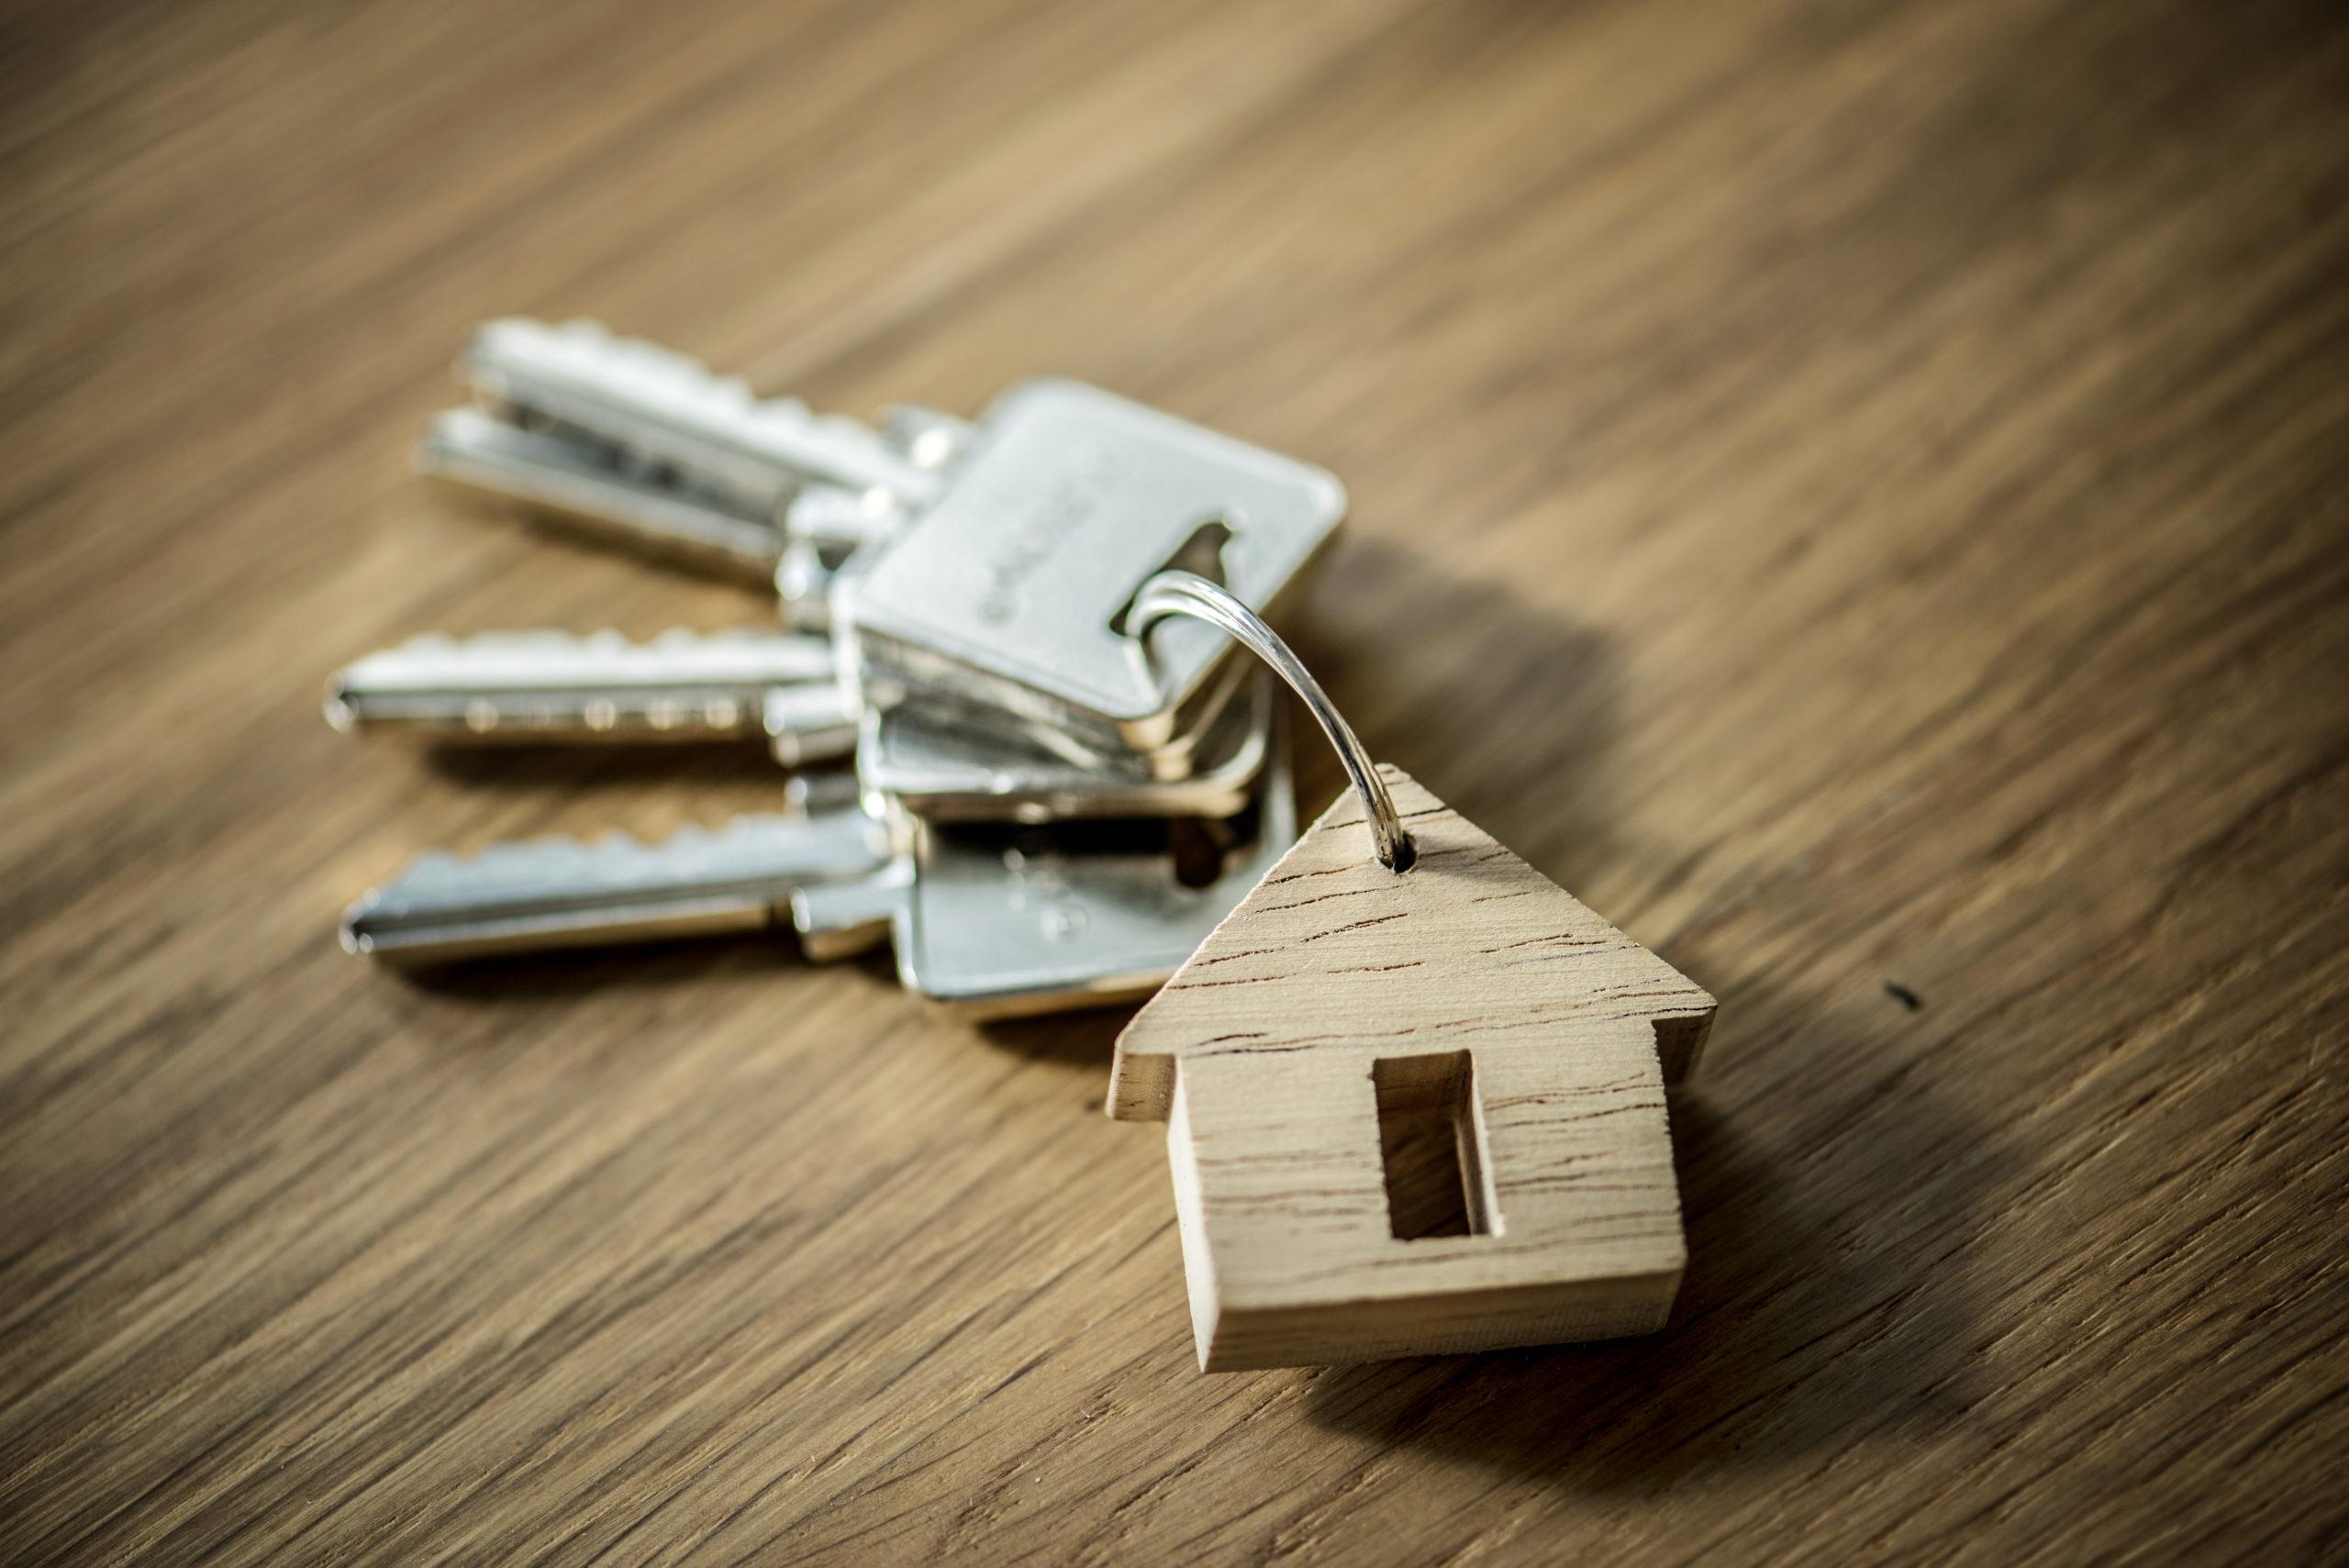 Hoe kun je als starter een huis kopen?